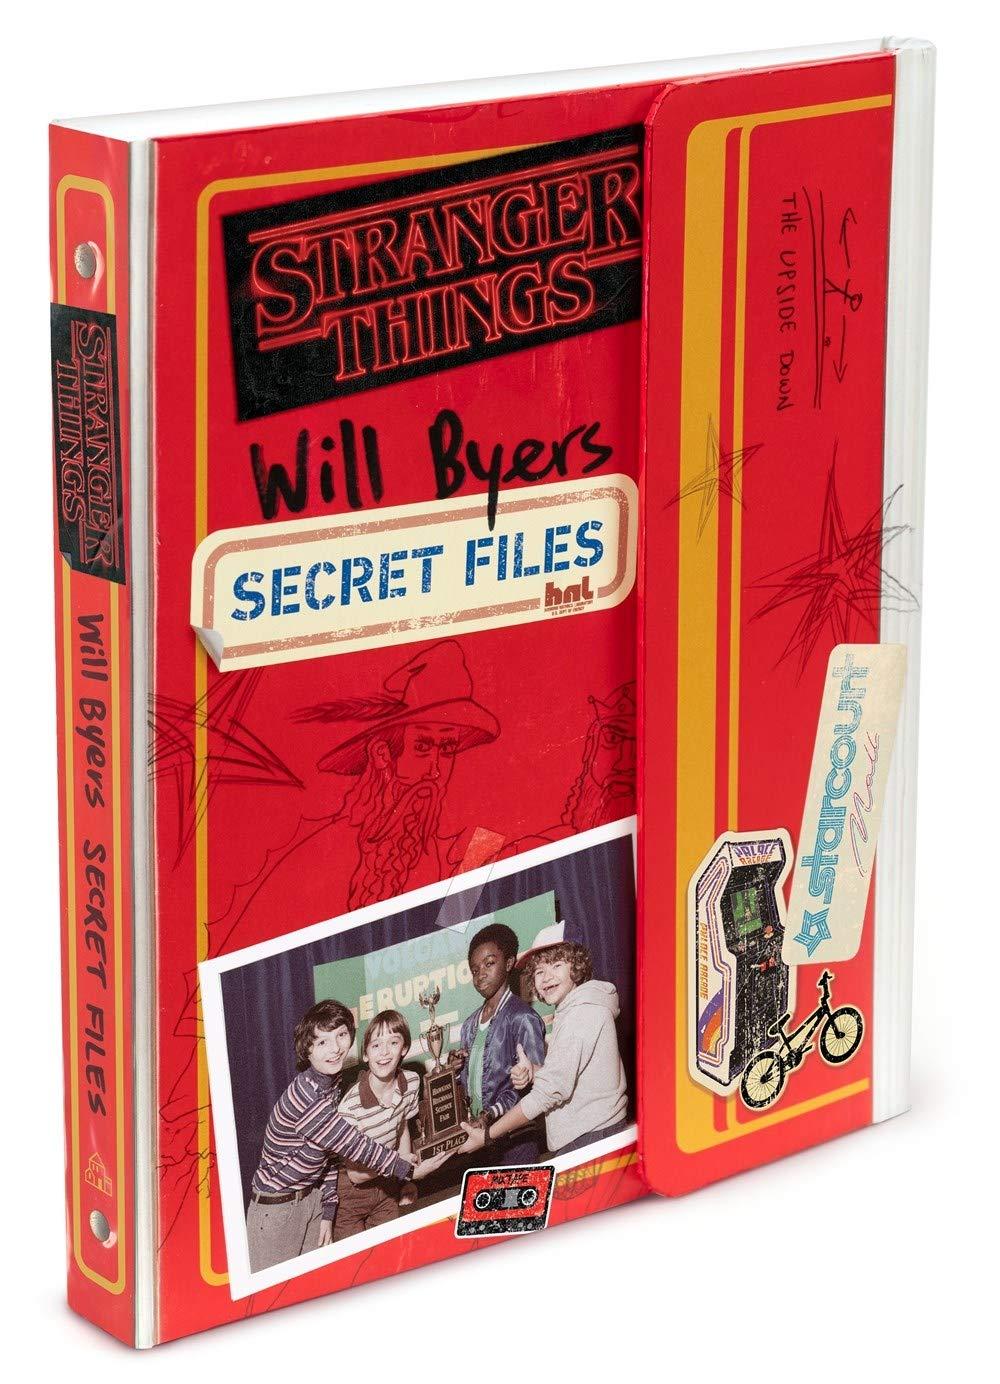 Will Byers  Secret Files  Stranger Things